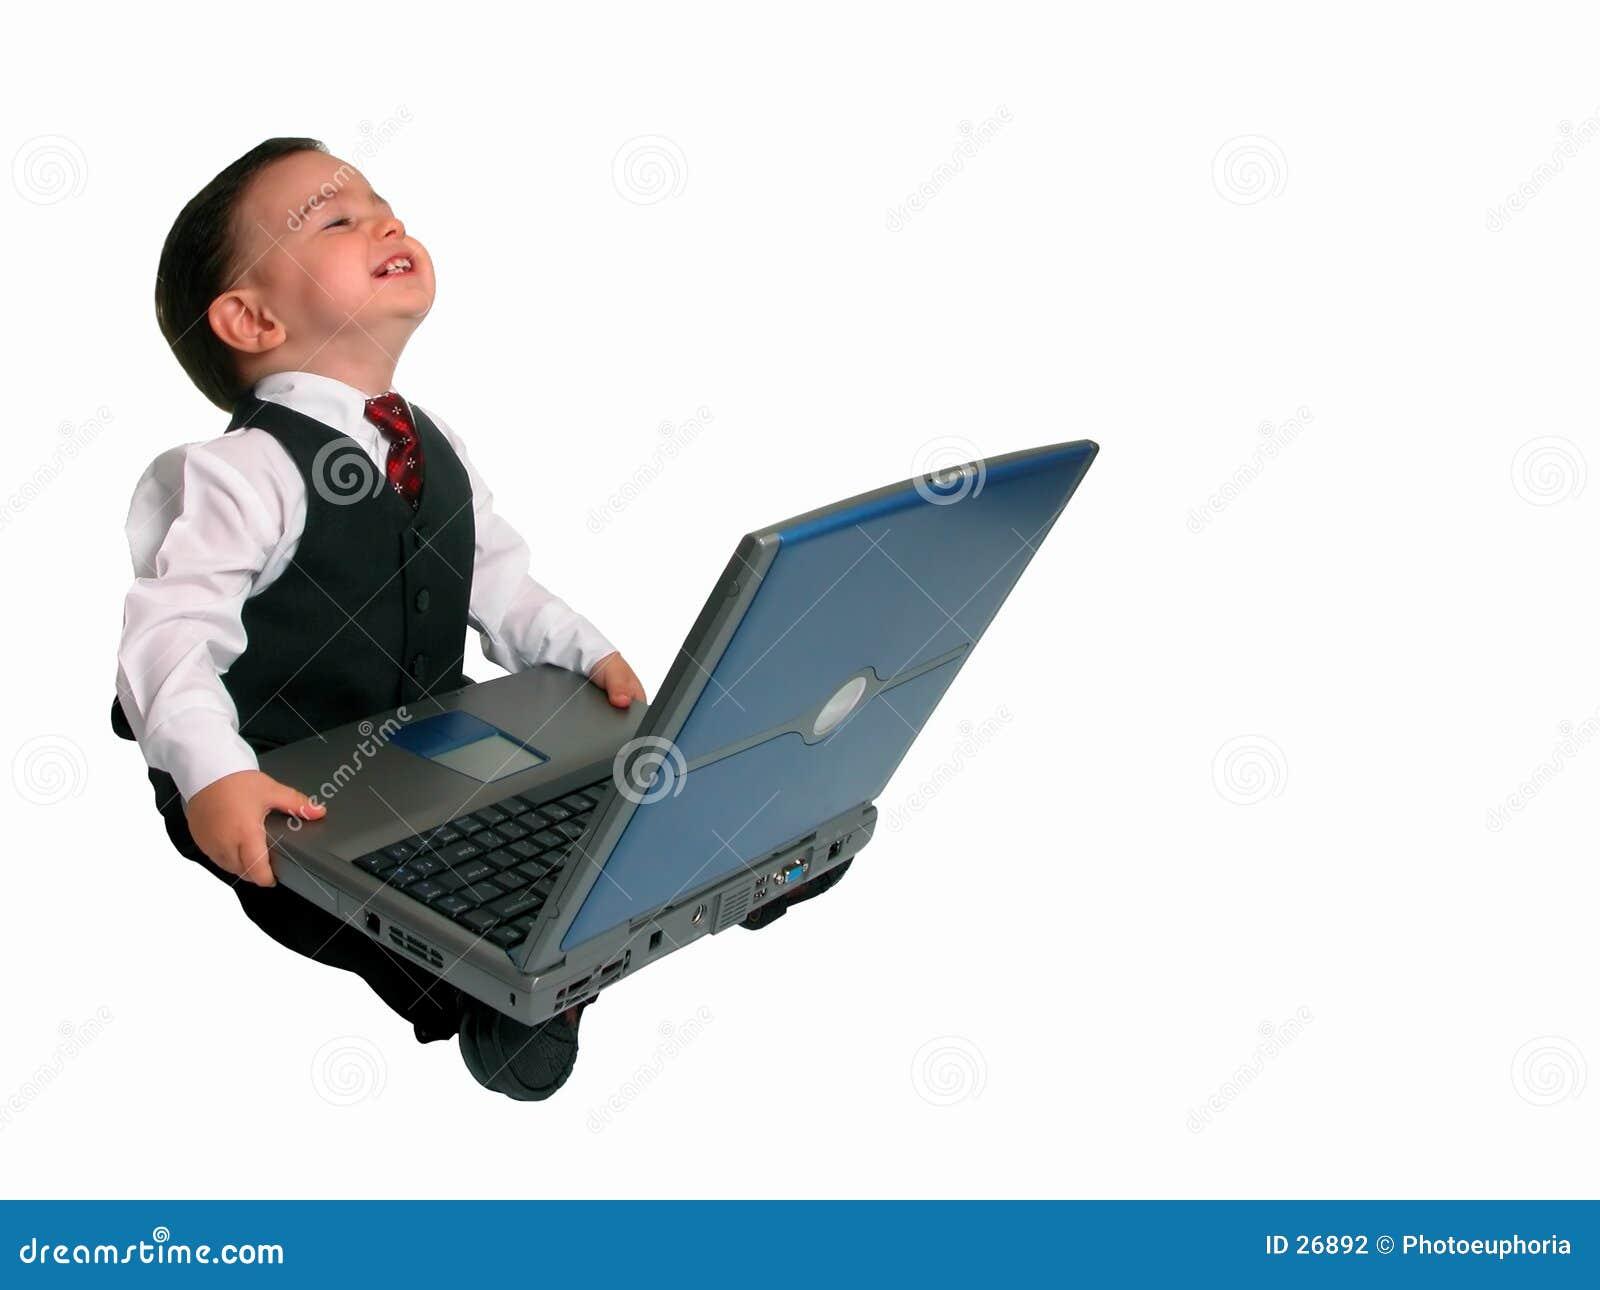 Jego szczęśliwy człowiek serii niewielkich laptop